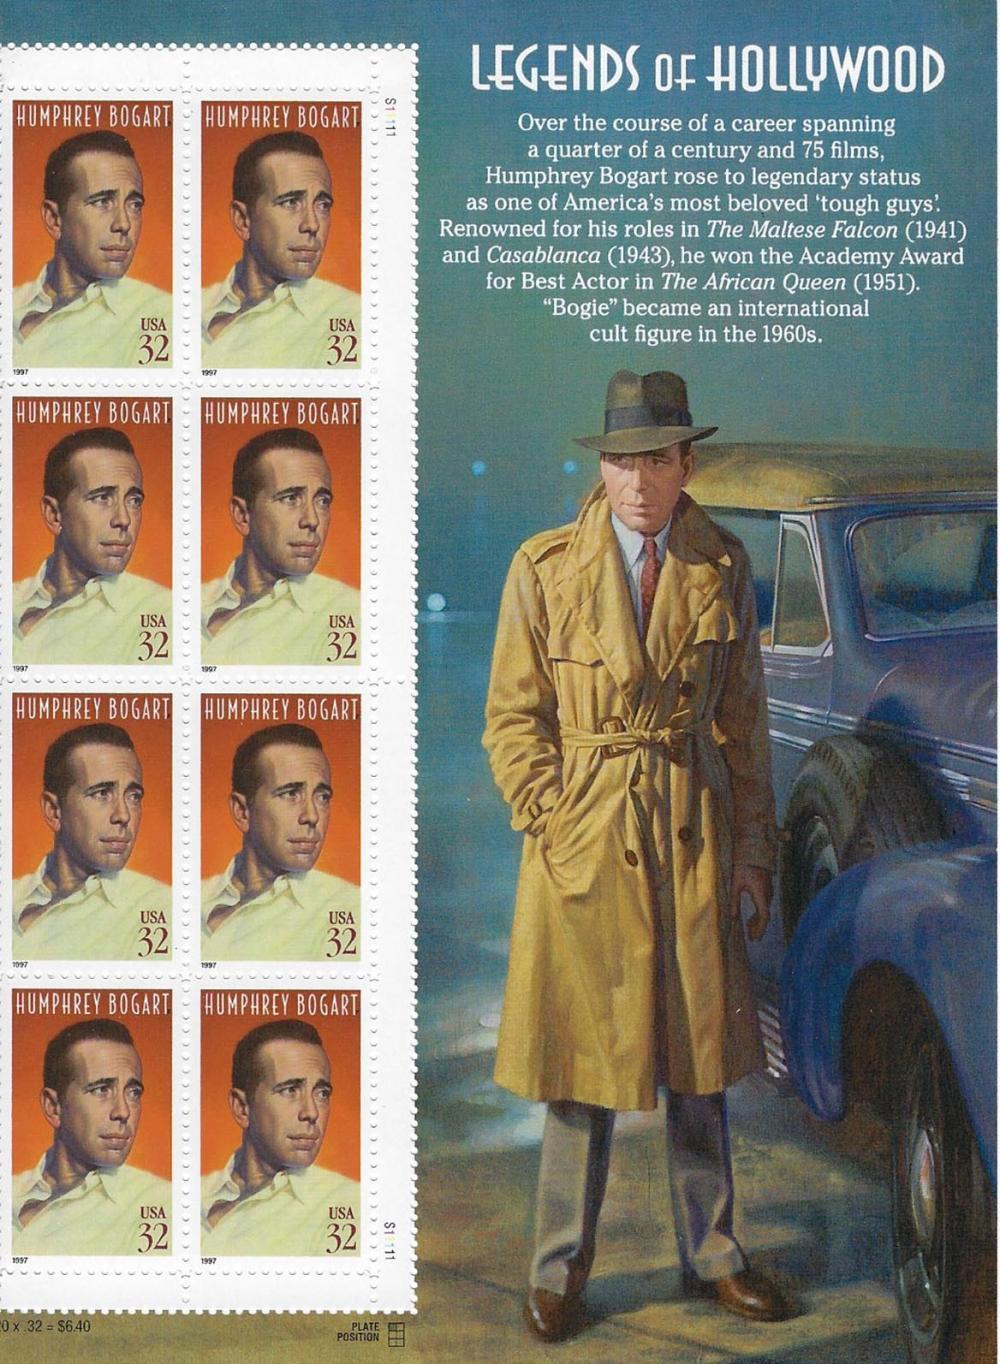 Legends of Hollywood Humphrey Bogart stamp sheet 8 x 32 cent stamps